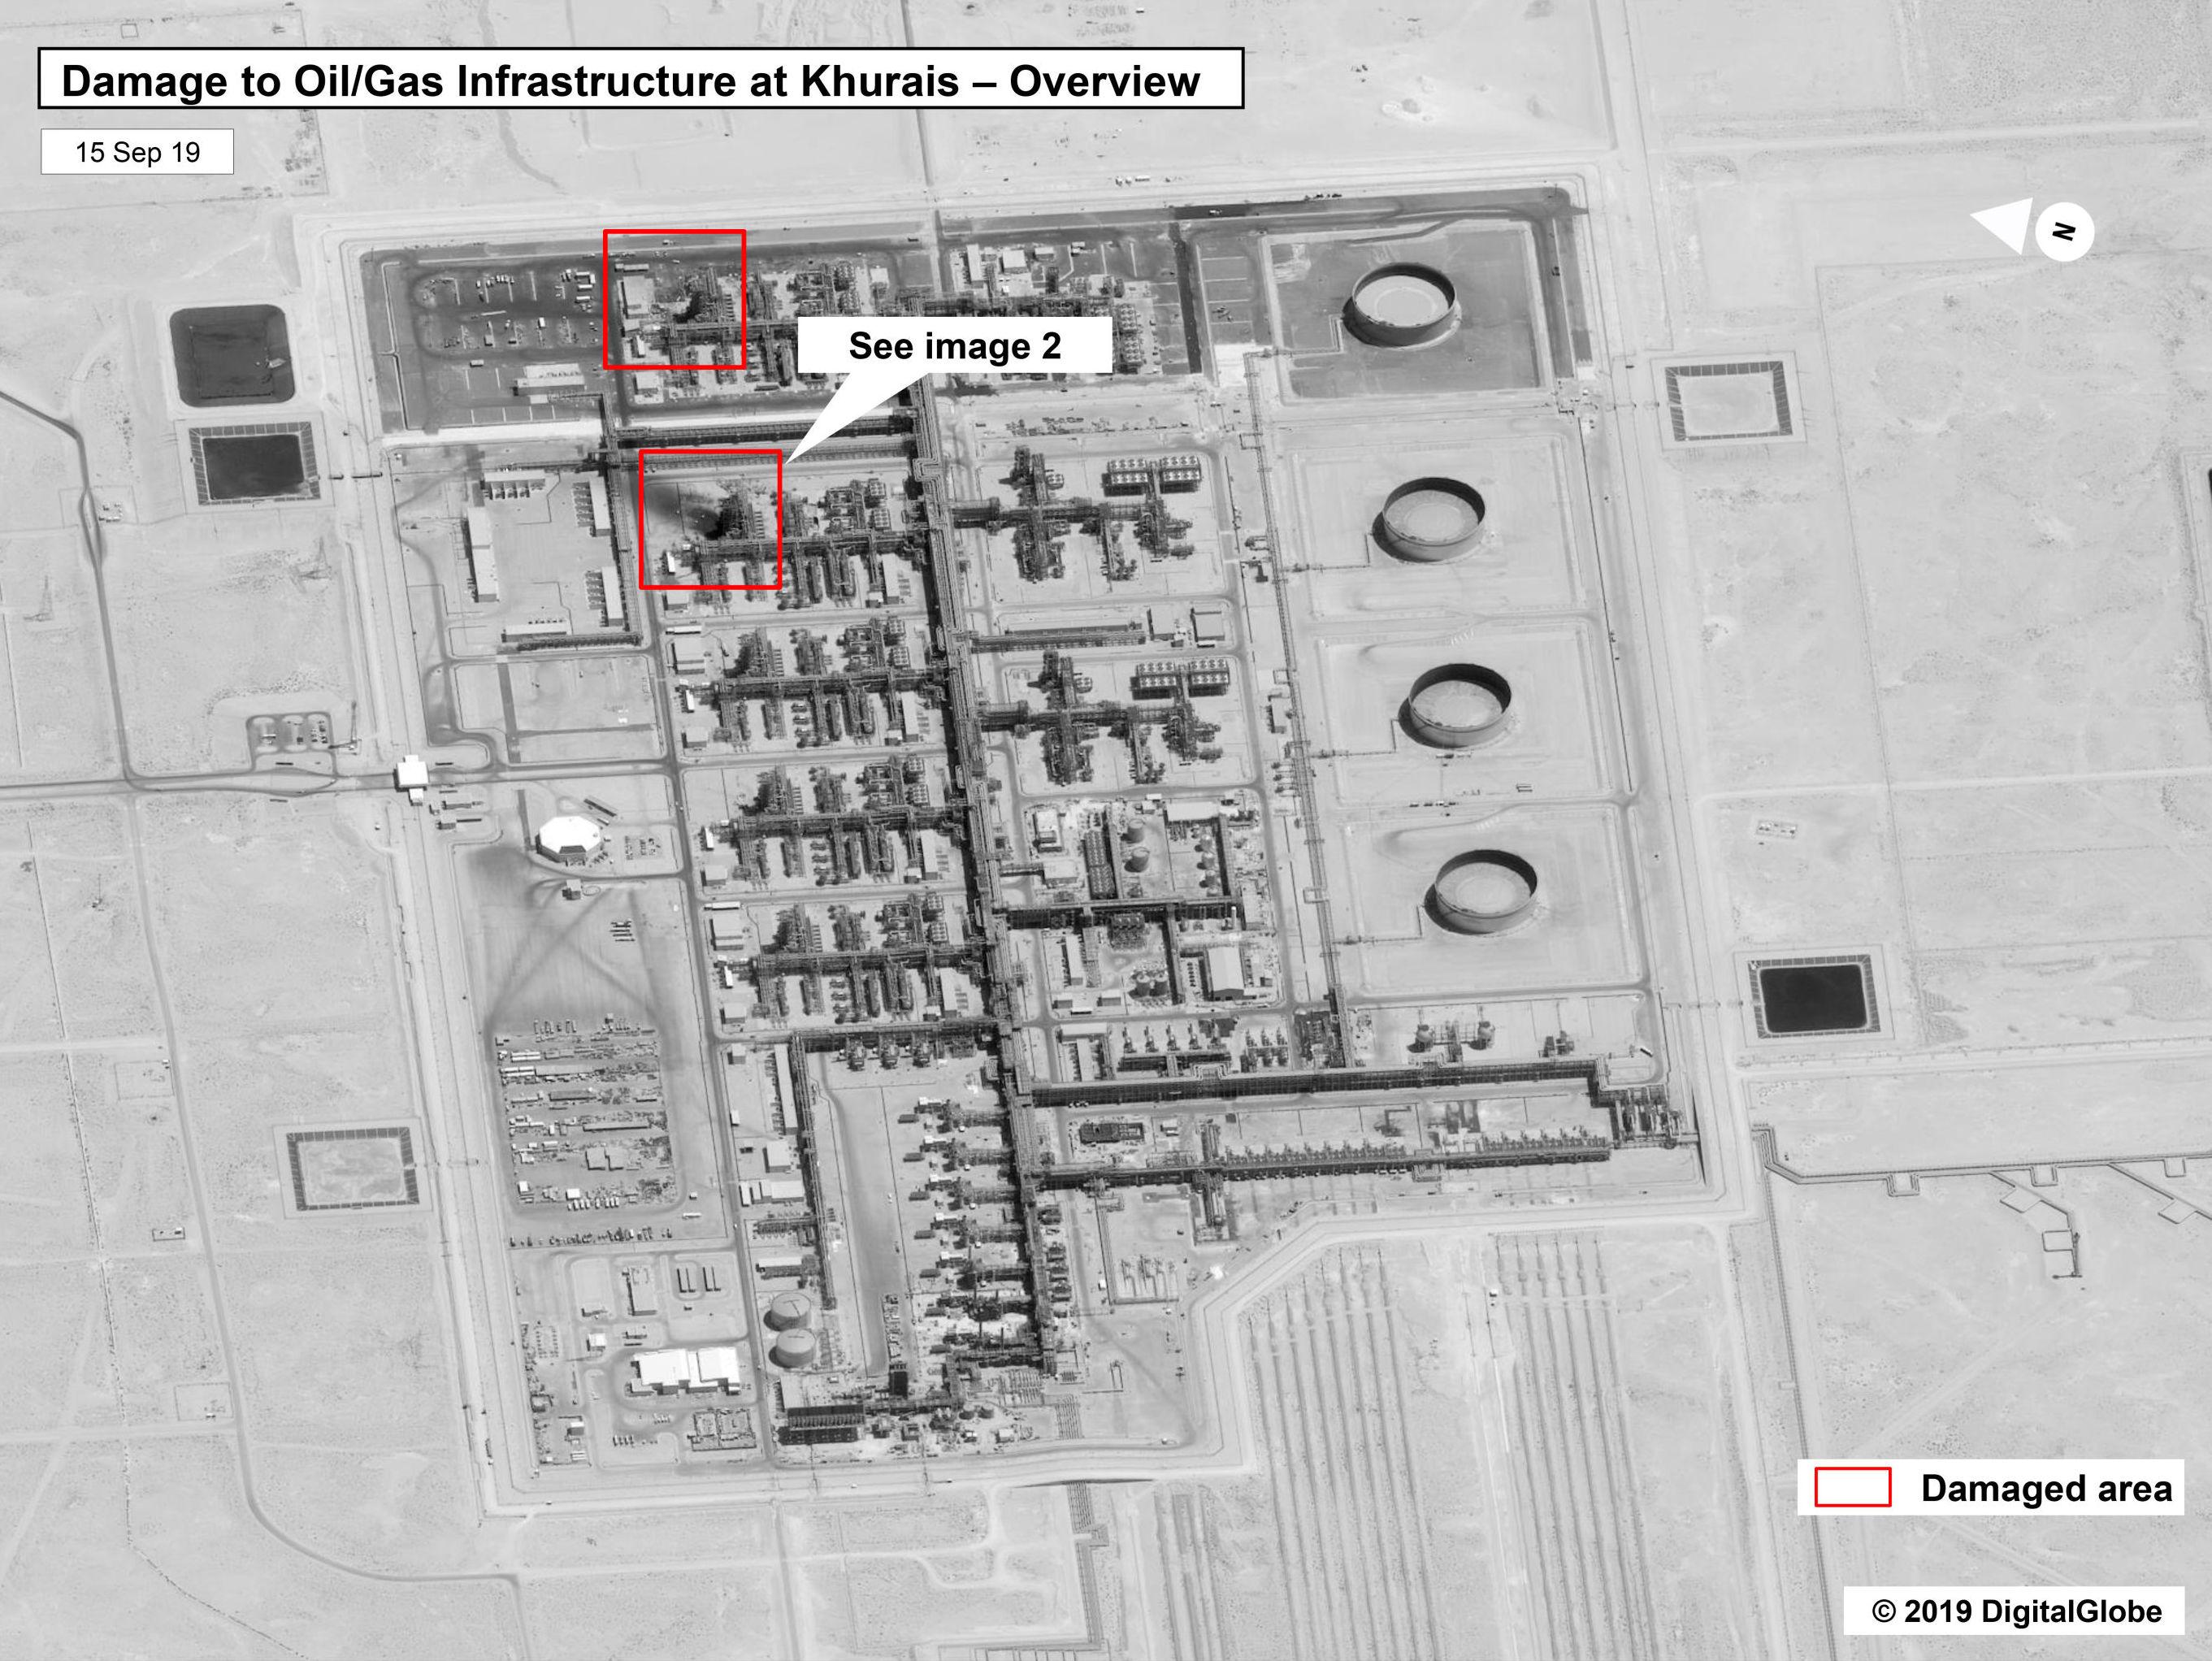 En la imagen se observa el ataque a la refinería en Buqyaq (Khurais) propiedad de Aramco.